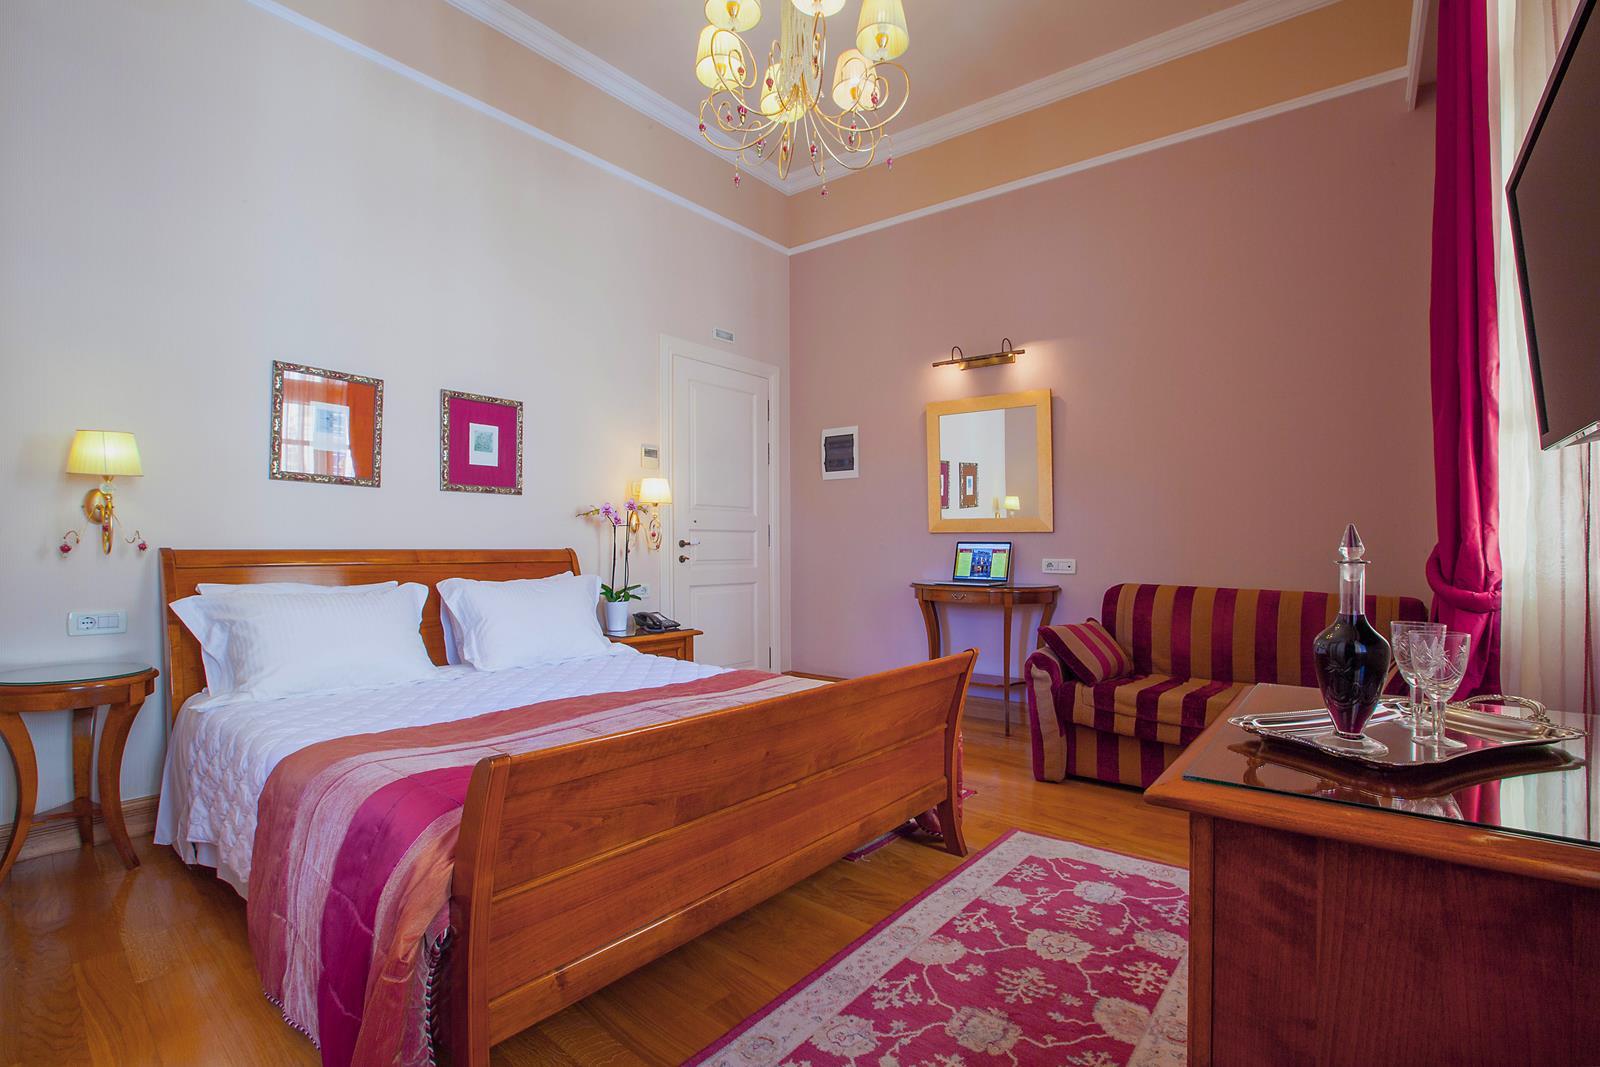 δωματια στο ναυπλιο - Aetoma hotel